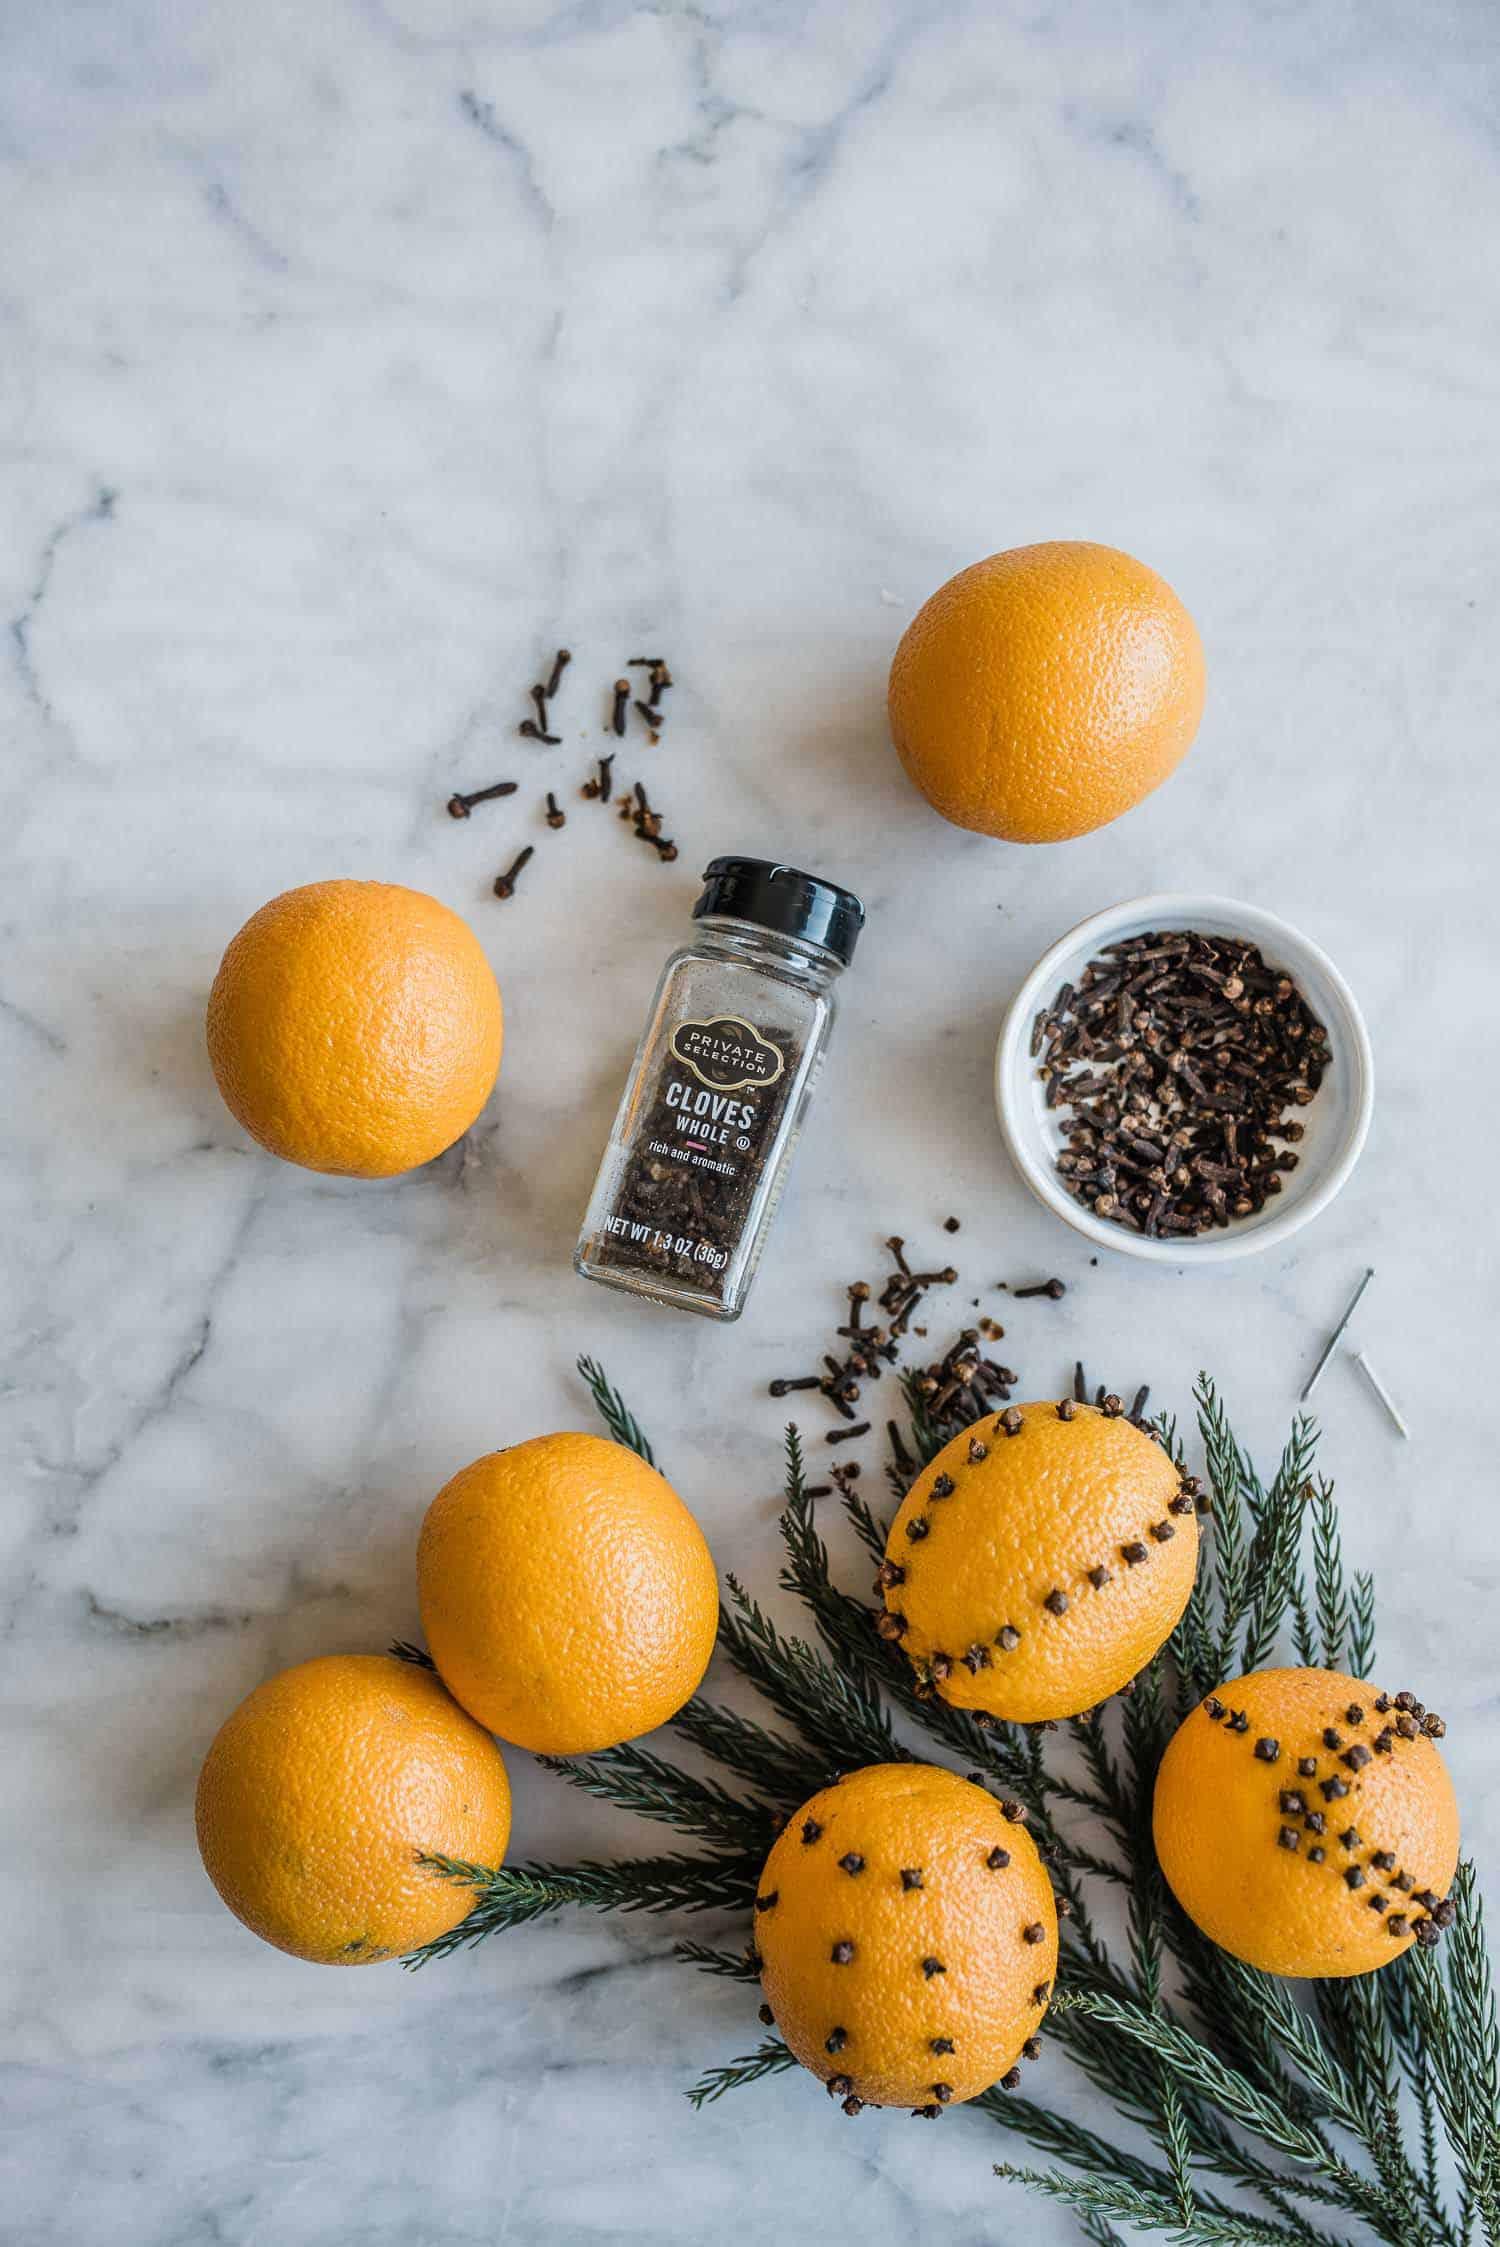 DIY Orange Pomander Balls - #holiday #holidaydiy @mystylevita